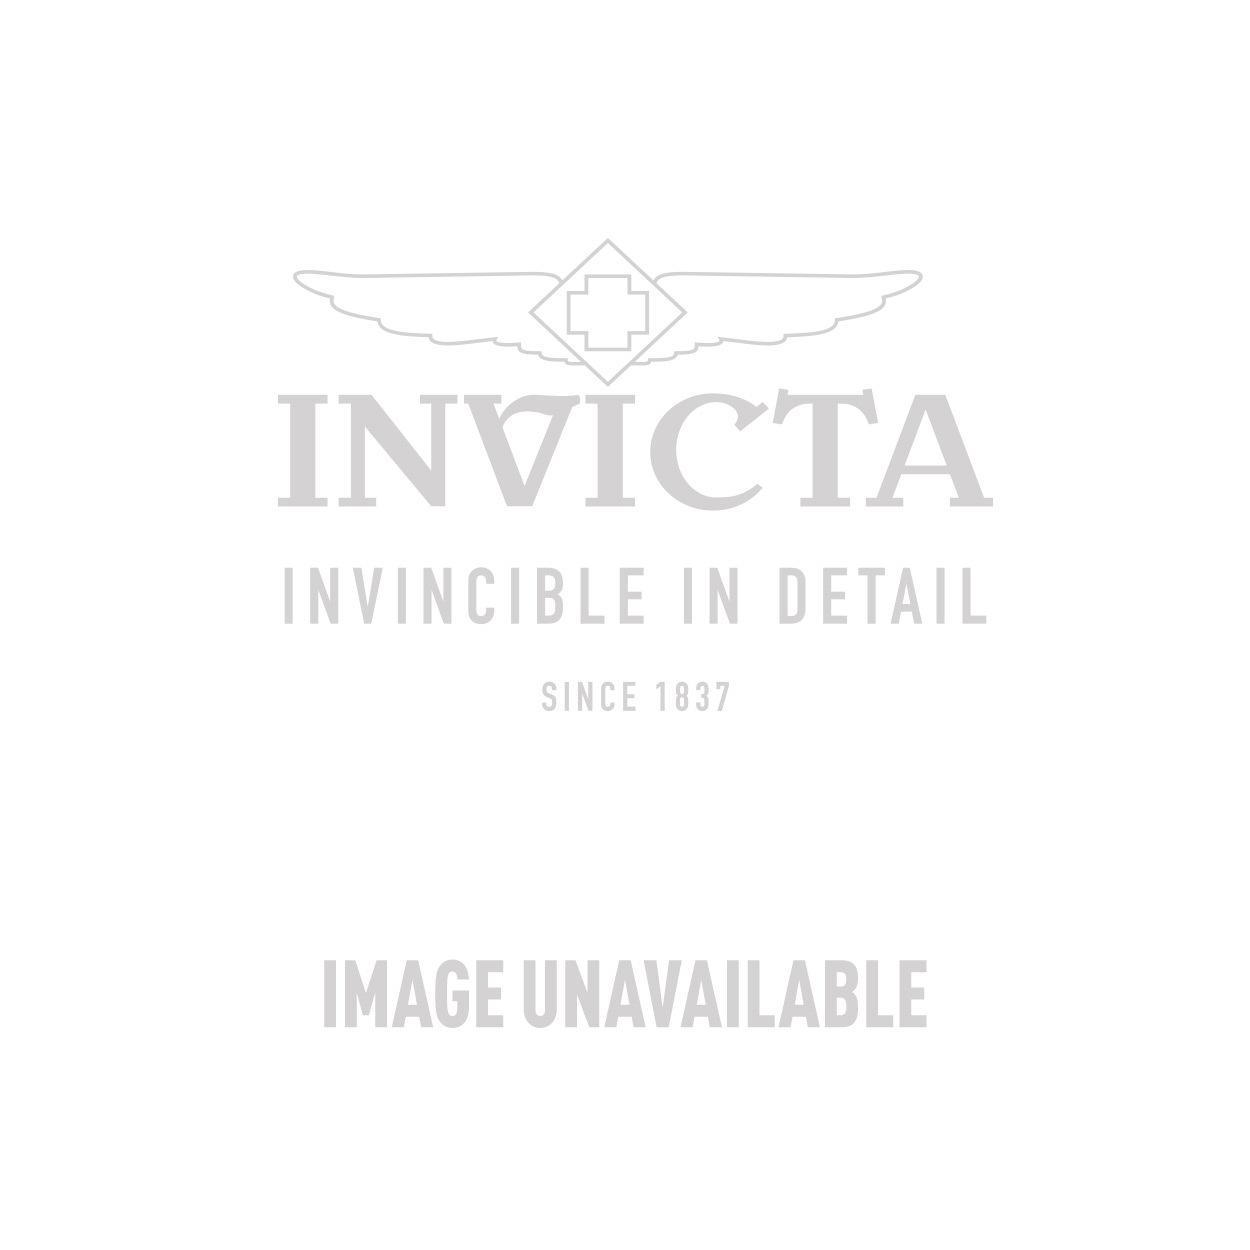 Invicta Model  25423